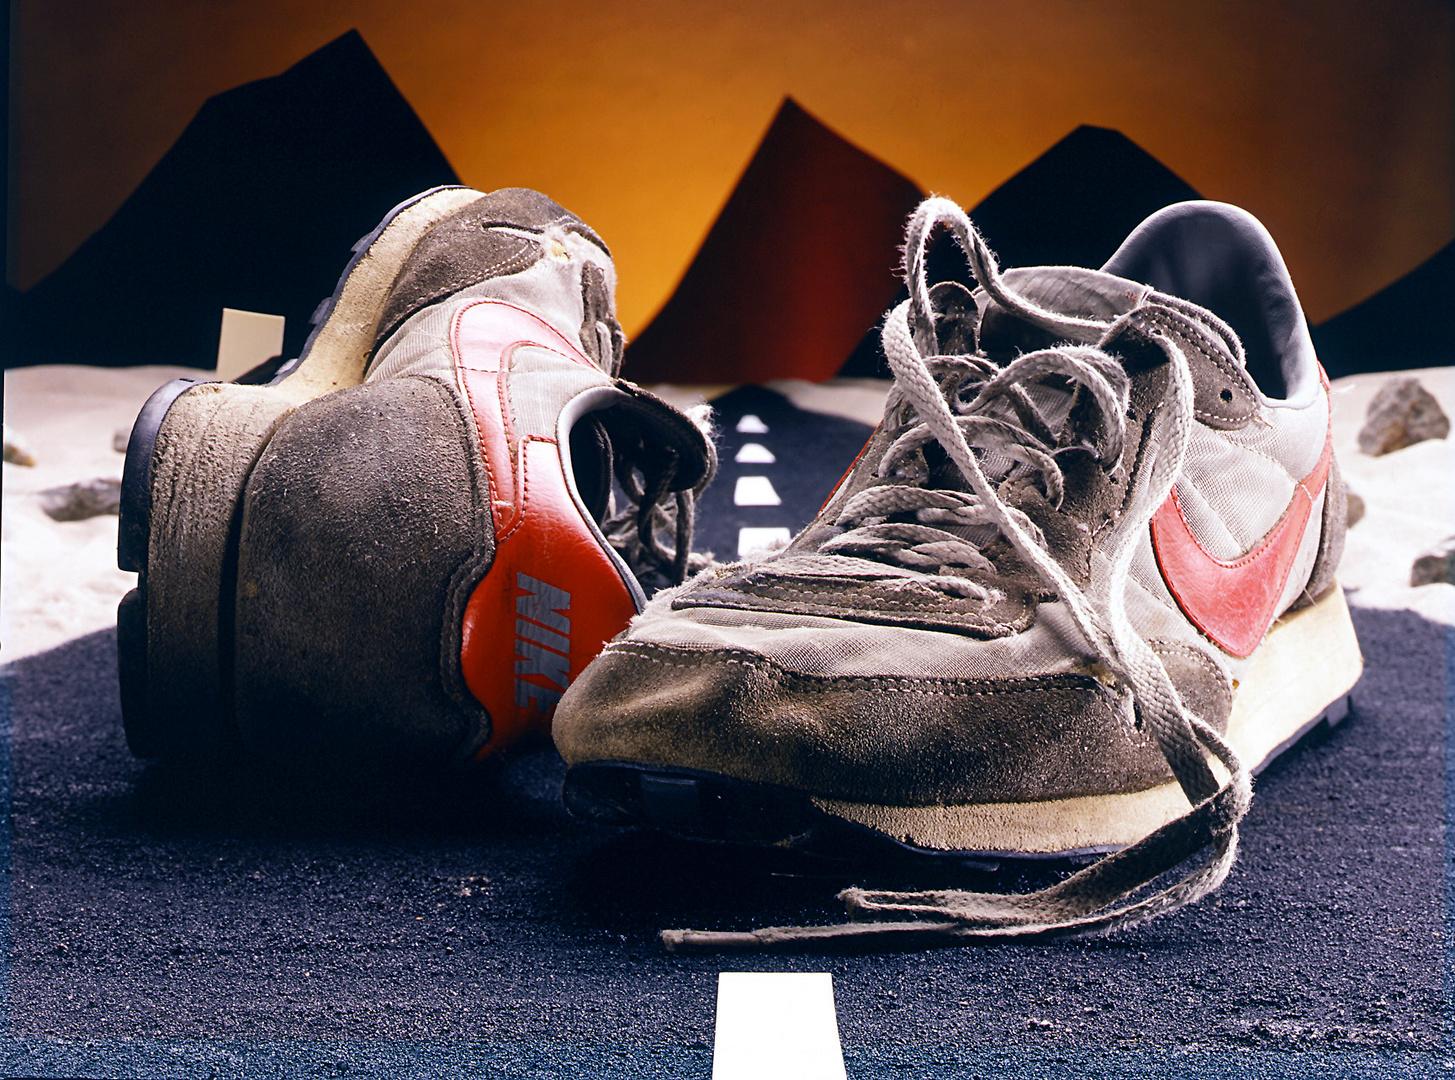 My ols Sportshoes